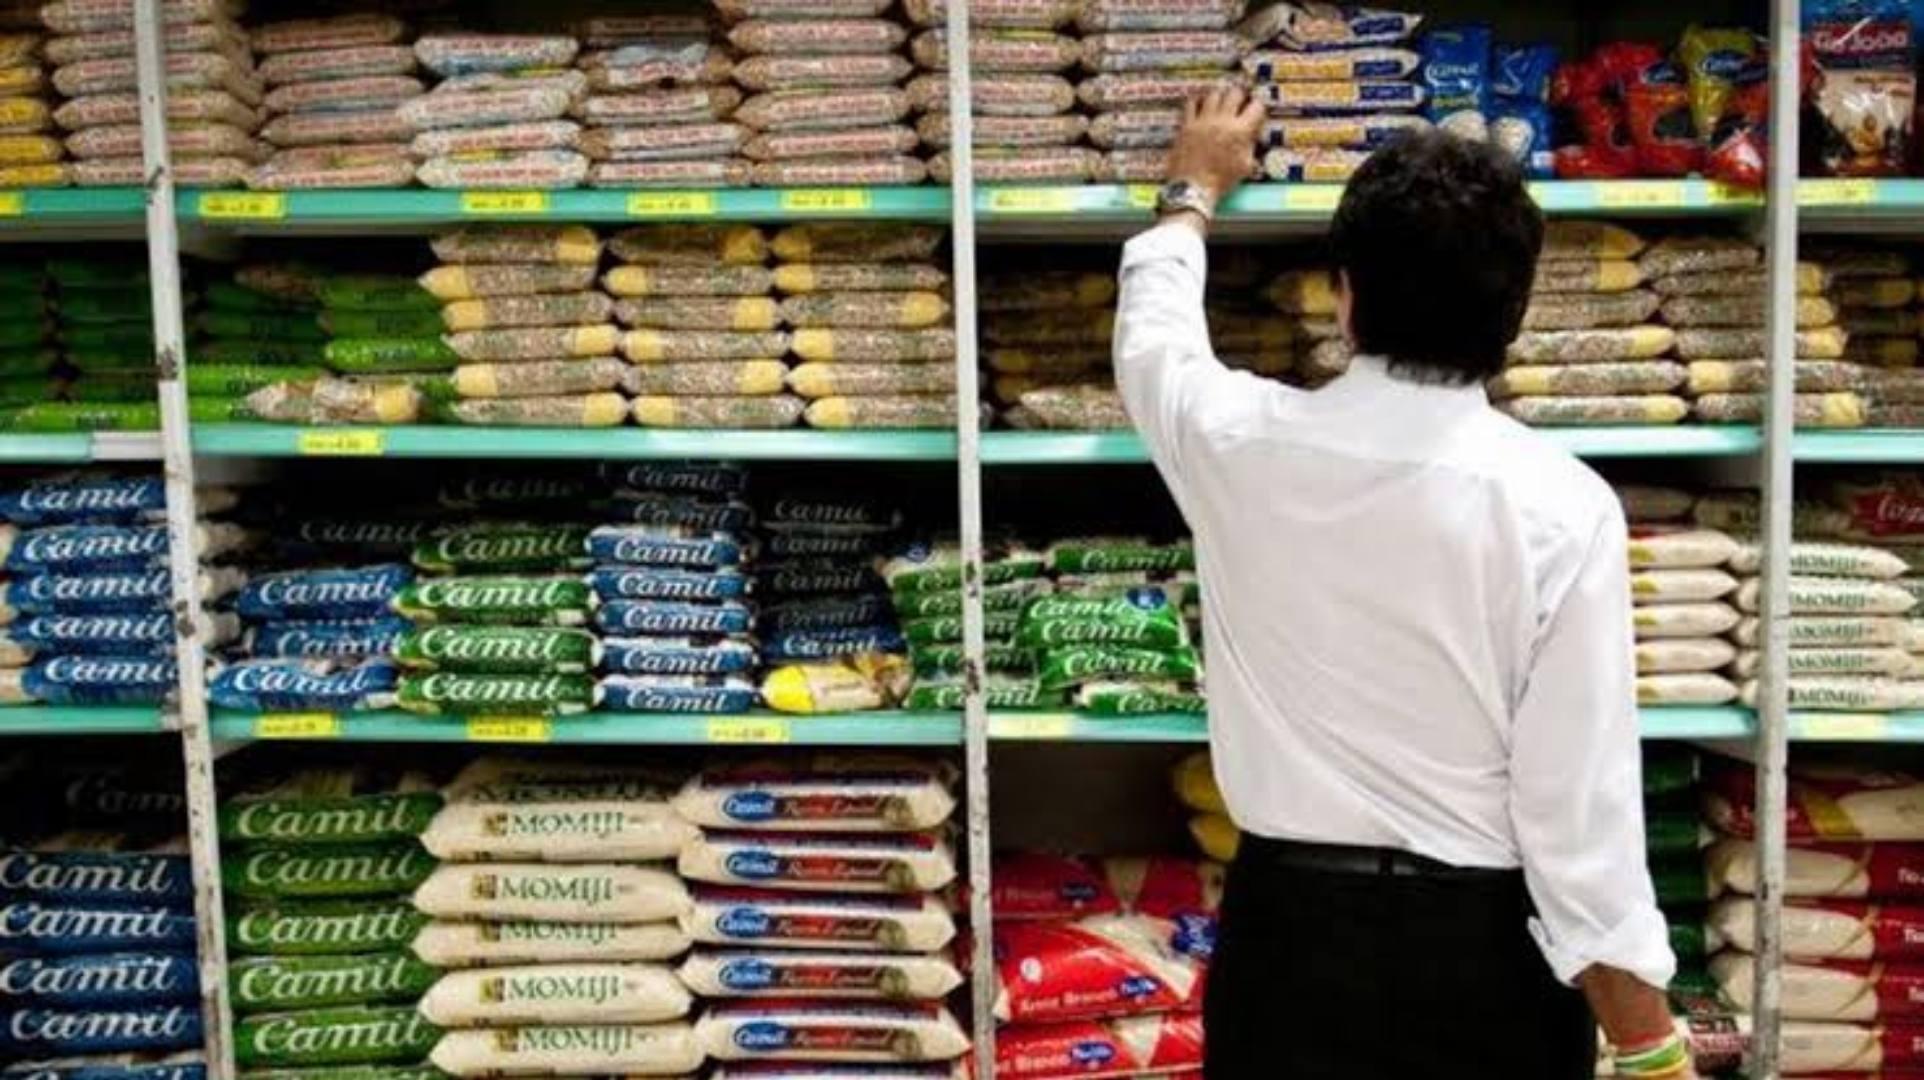 Ministério da Justiça notifica supermercados por alta no preço dos alimentos